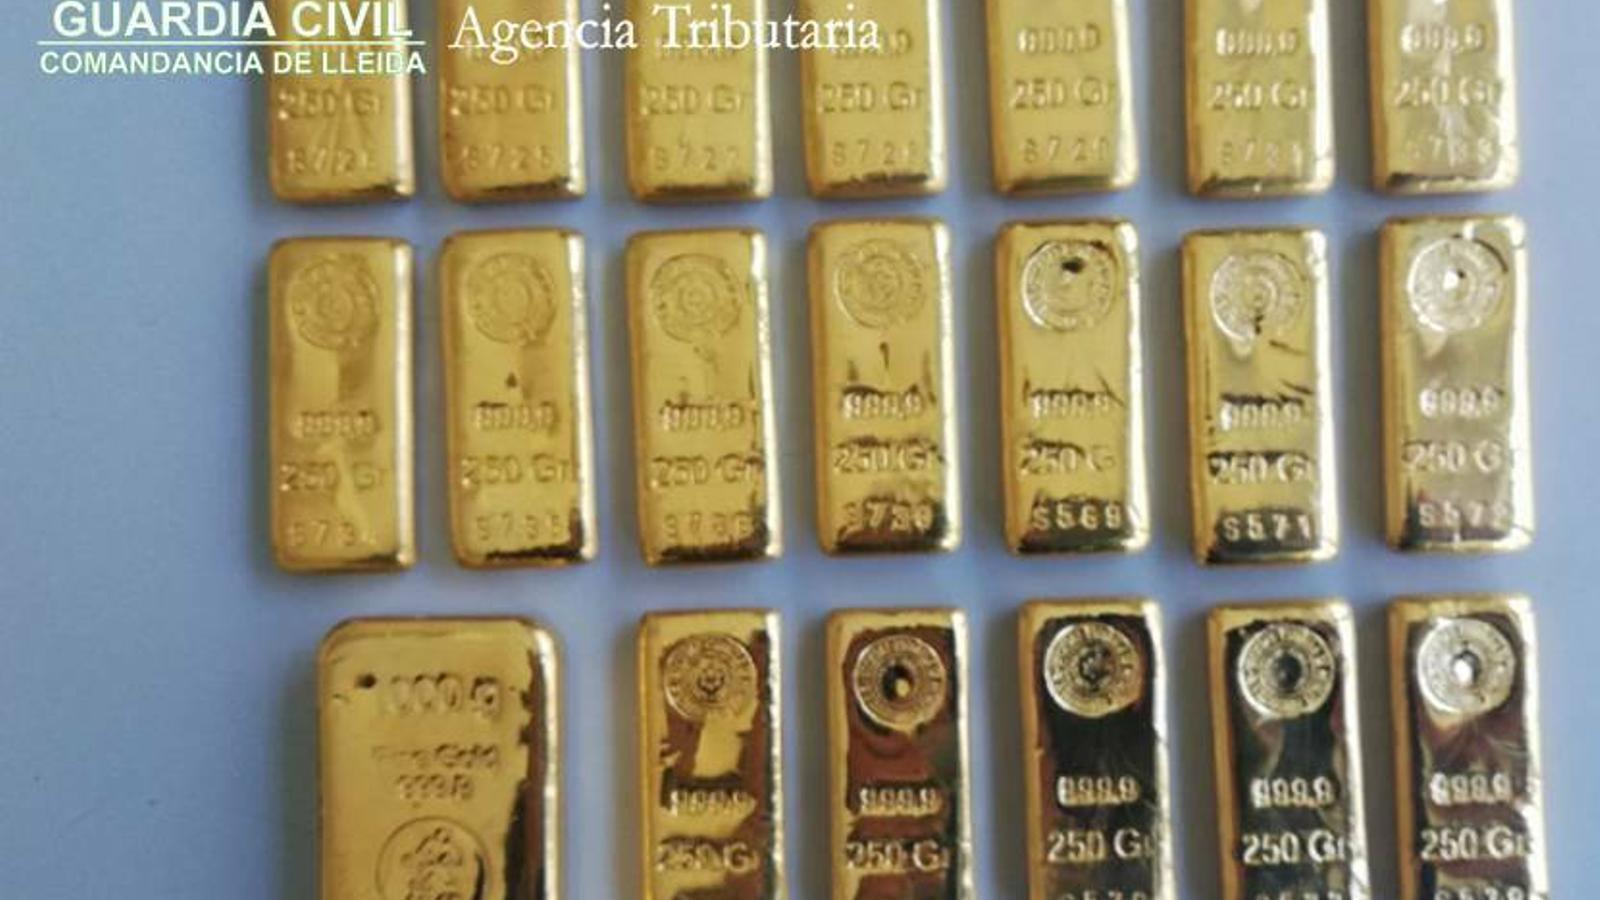 Els lingots d'or confiscats a la duana / GUÀRDIA CIVIL